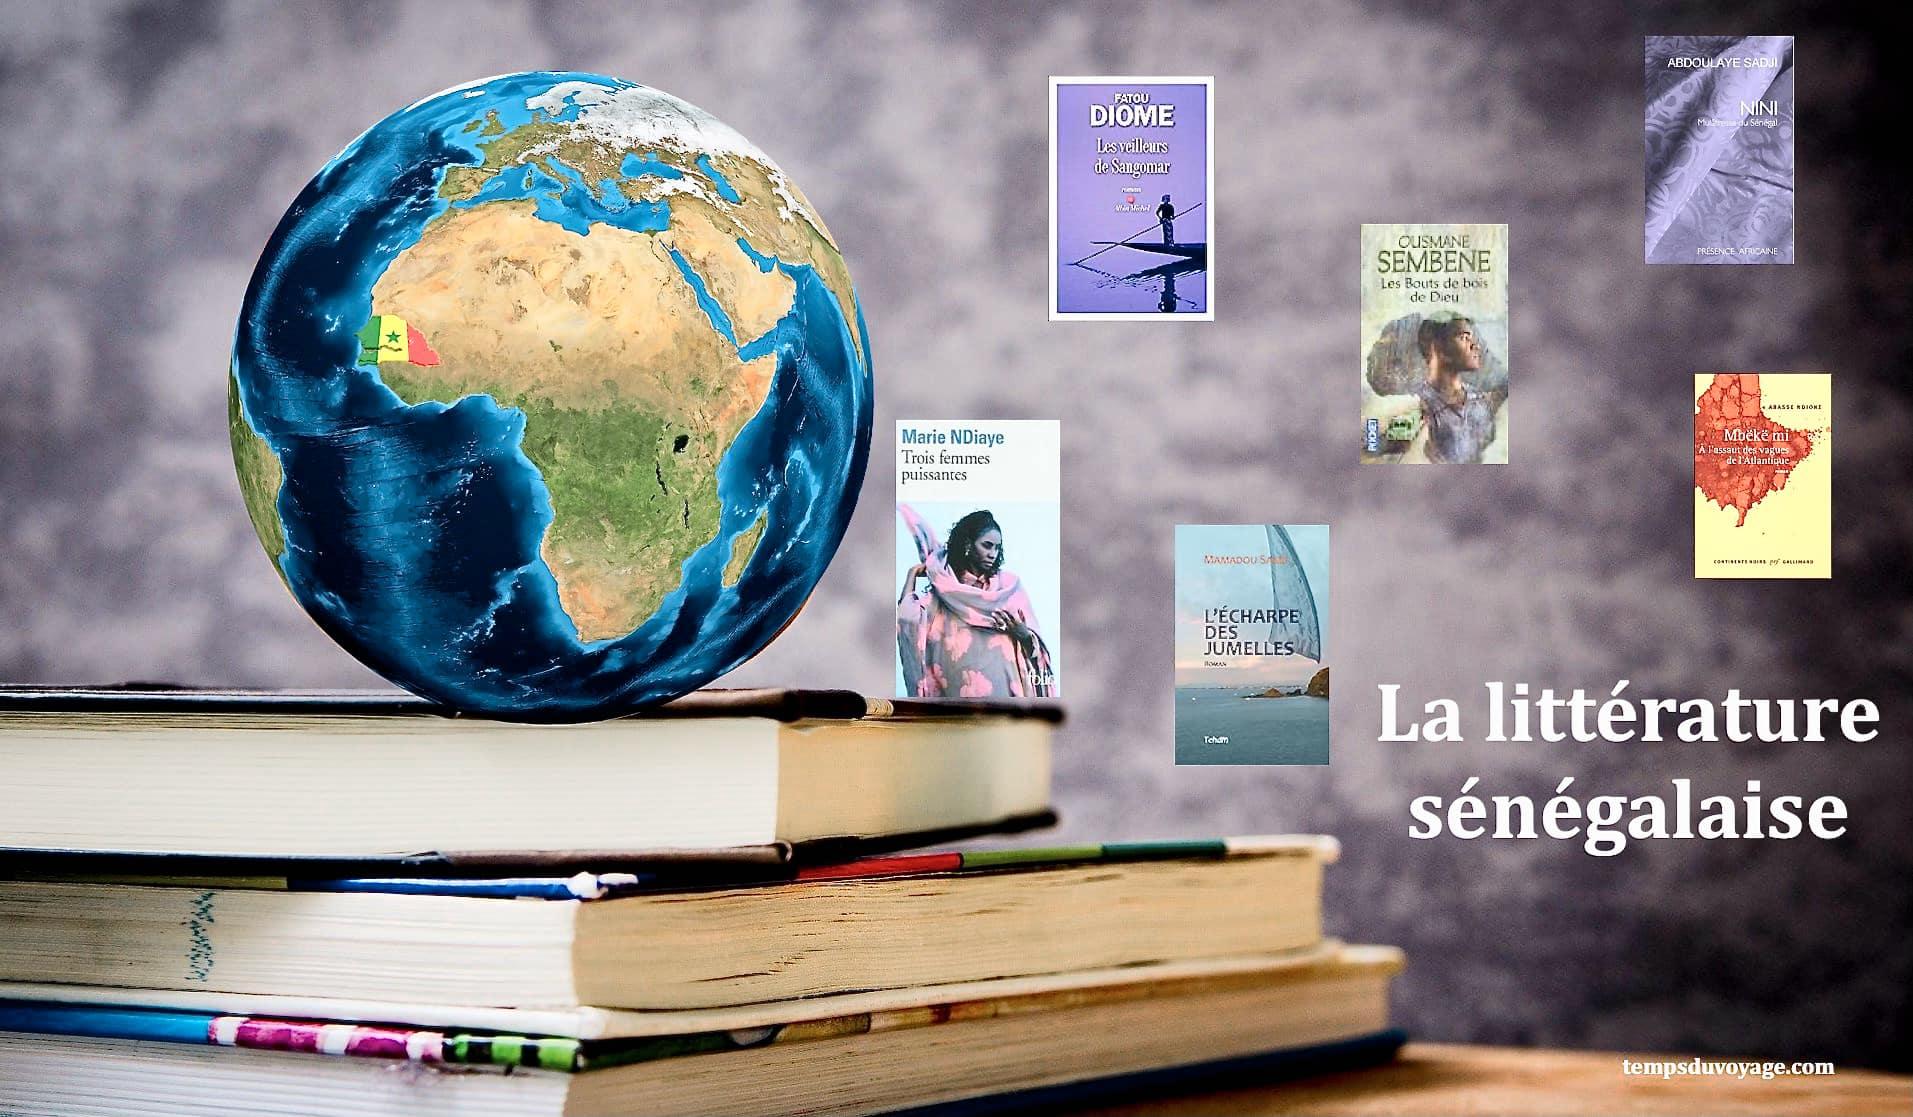 la littérature sénégalaise